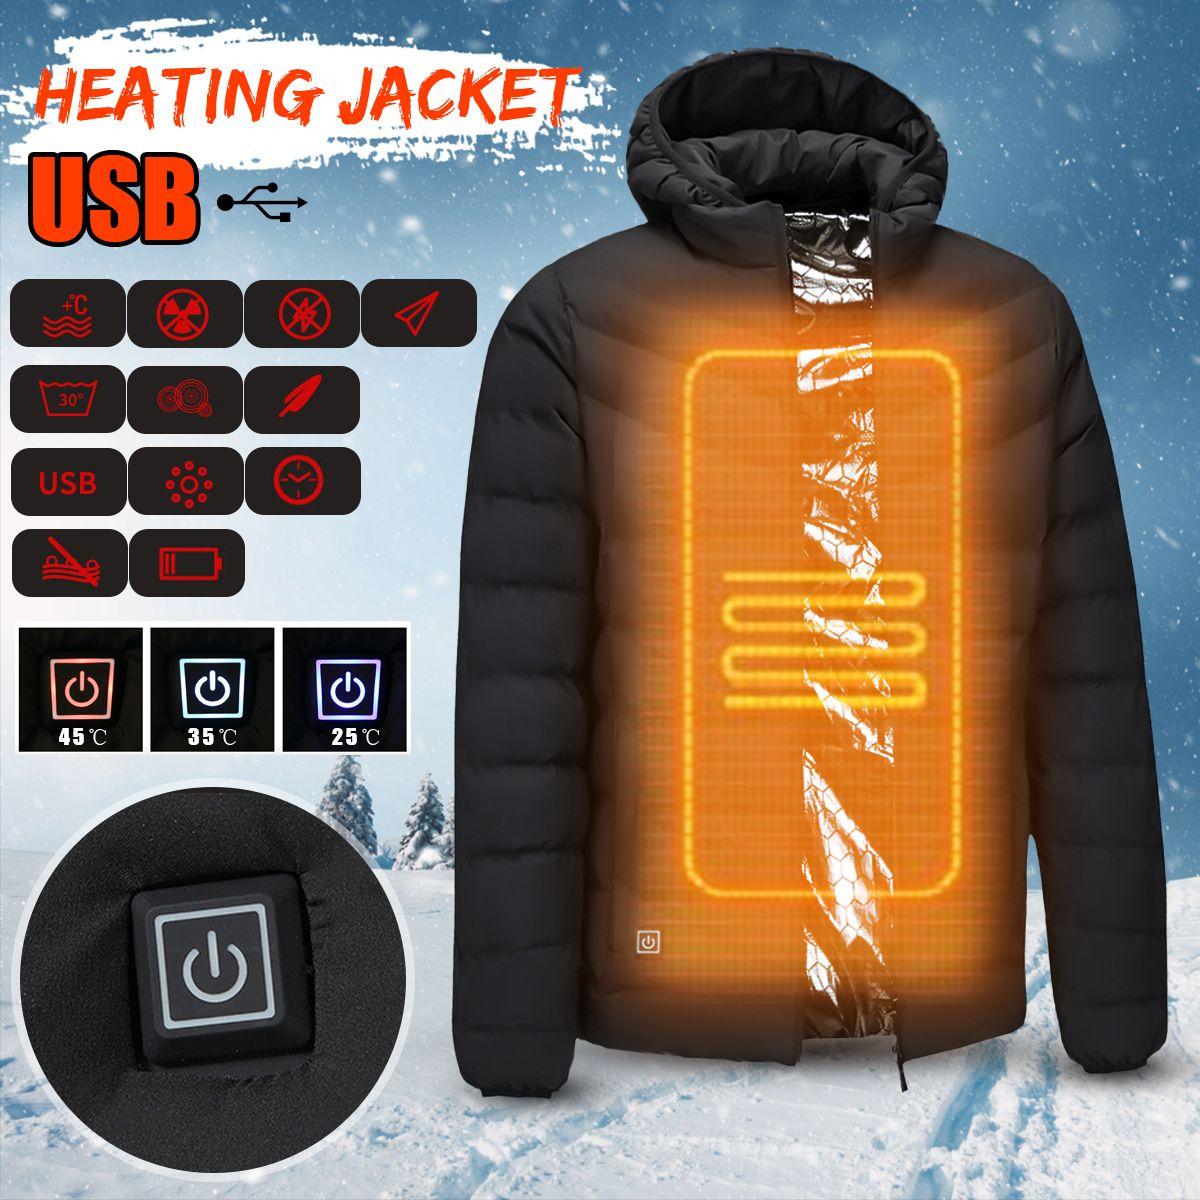 Herren Winter Beheizt Sicherheit Weste Jacke USB Mit Kapuze Arbeit Heizung Jacke Weste Mäntel Einstellbare Temperatur Control Sicherheit Kleidung